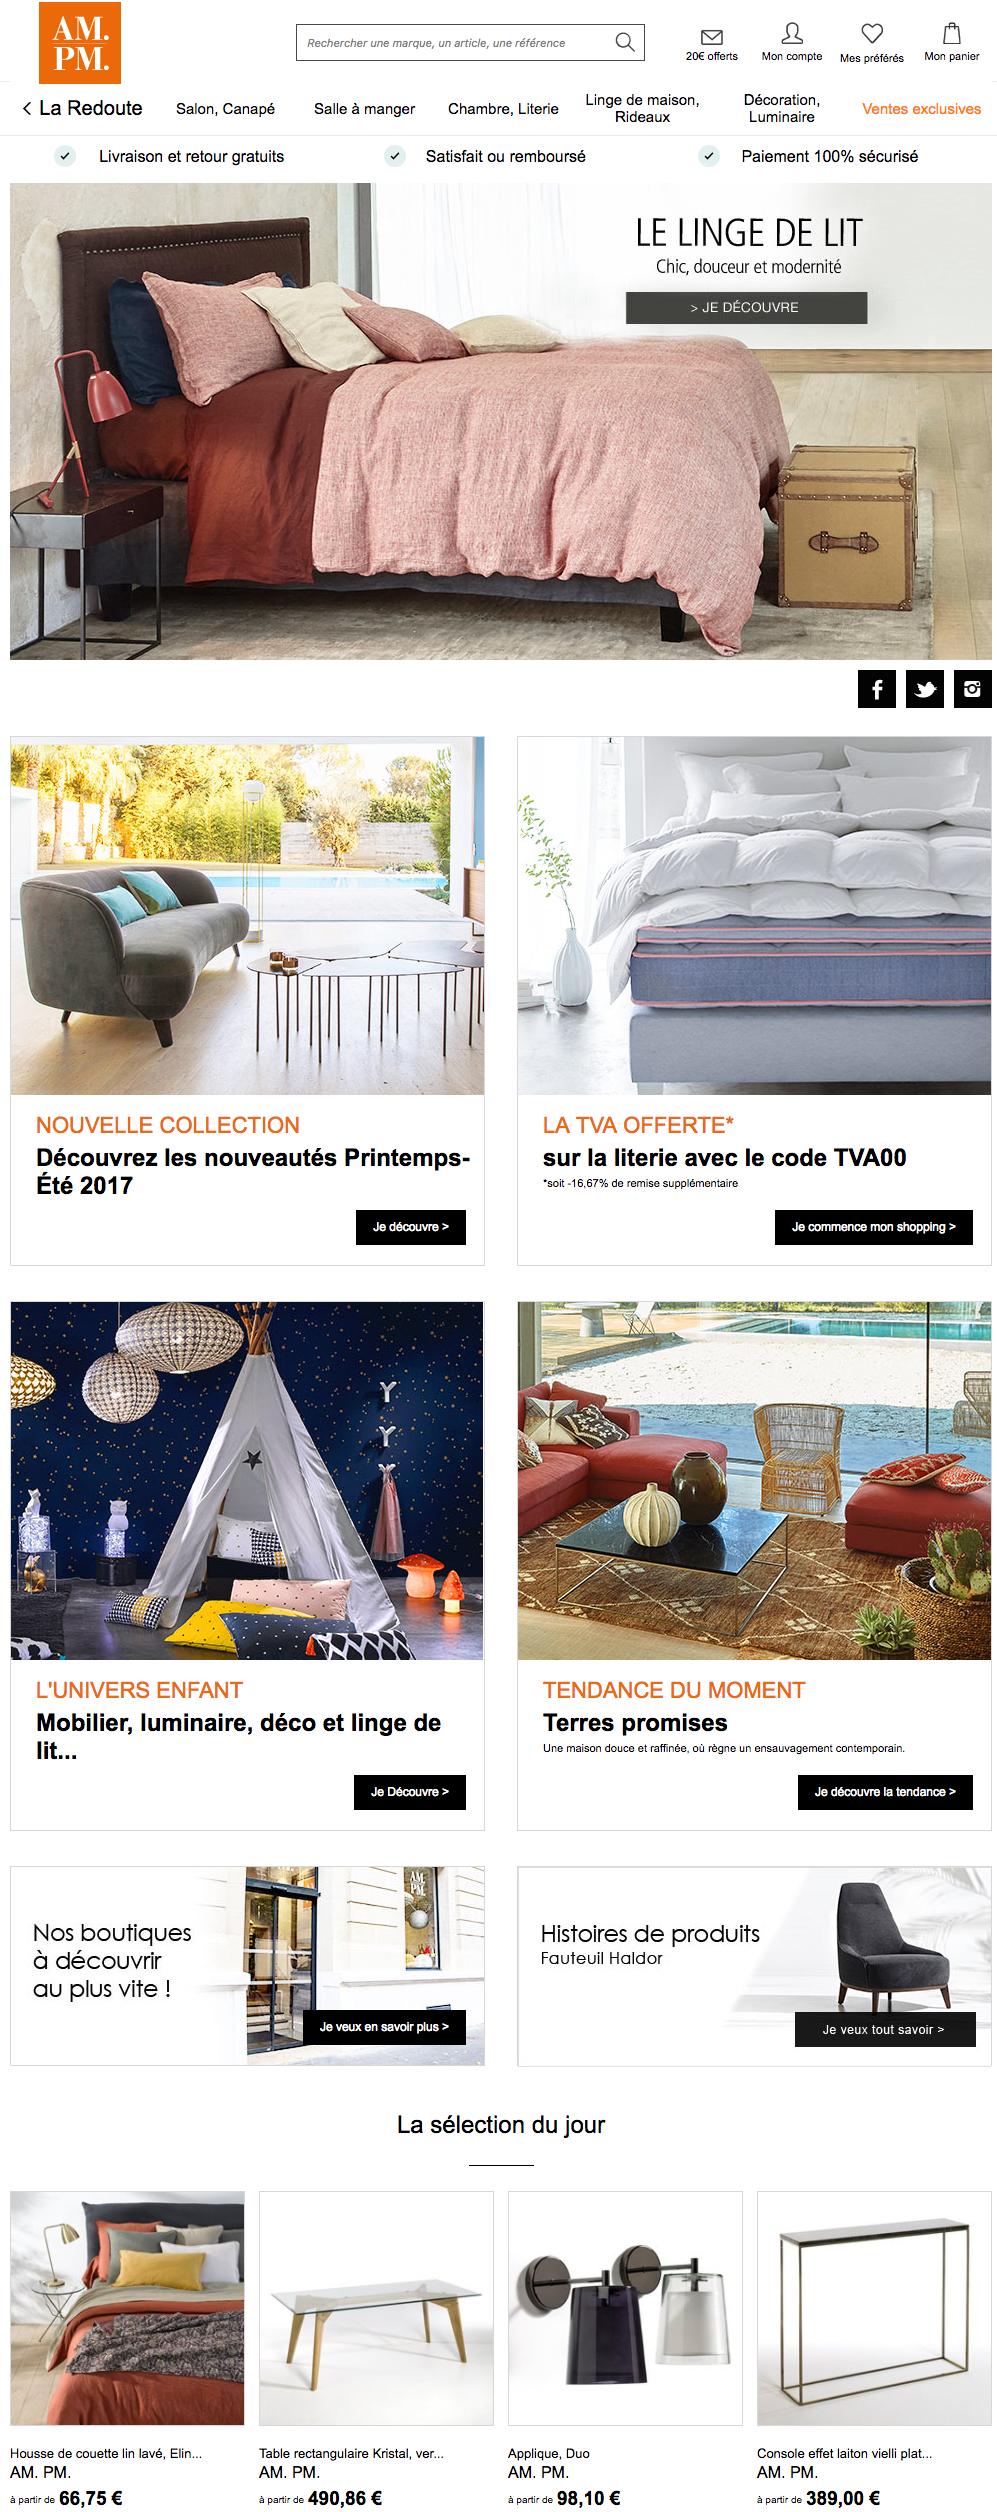 am pm accessoires d coration maison am pm cuisine am pm. Black Bedroom Furniture Sets. Home Design Ideas